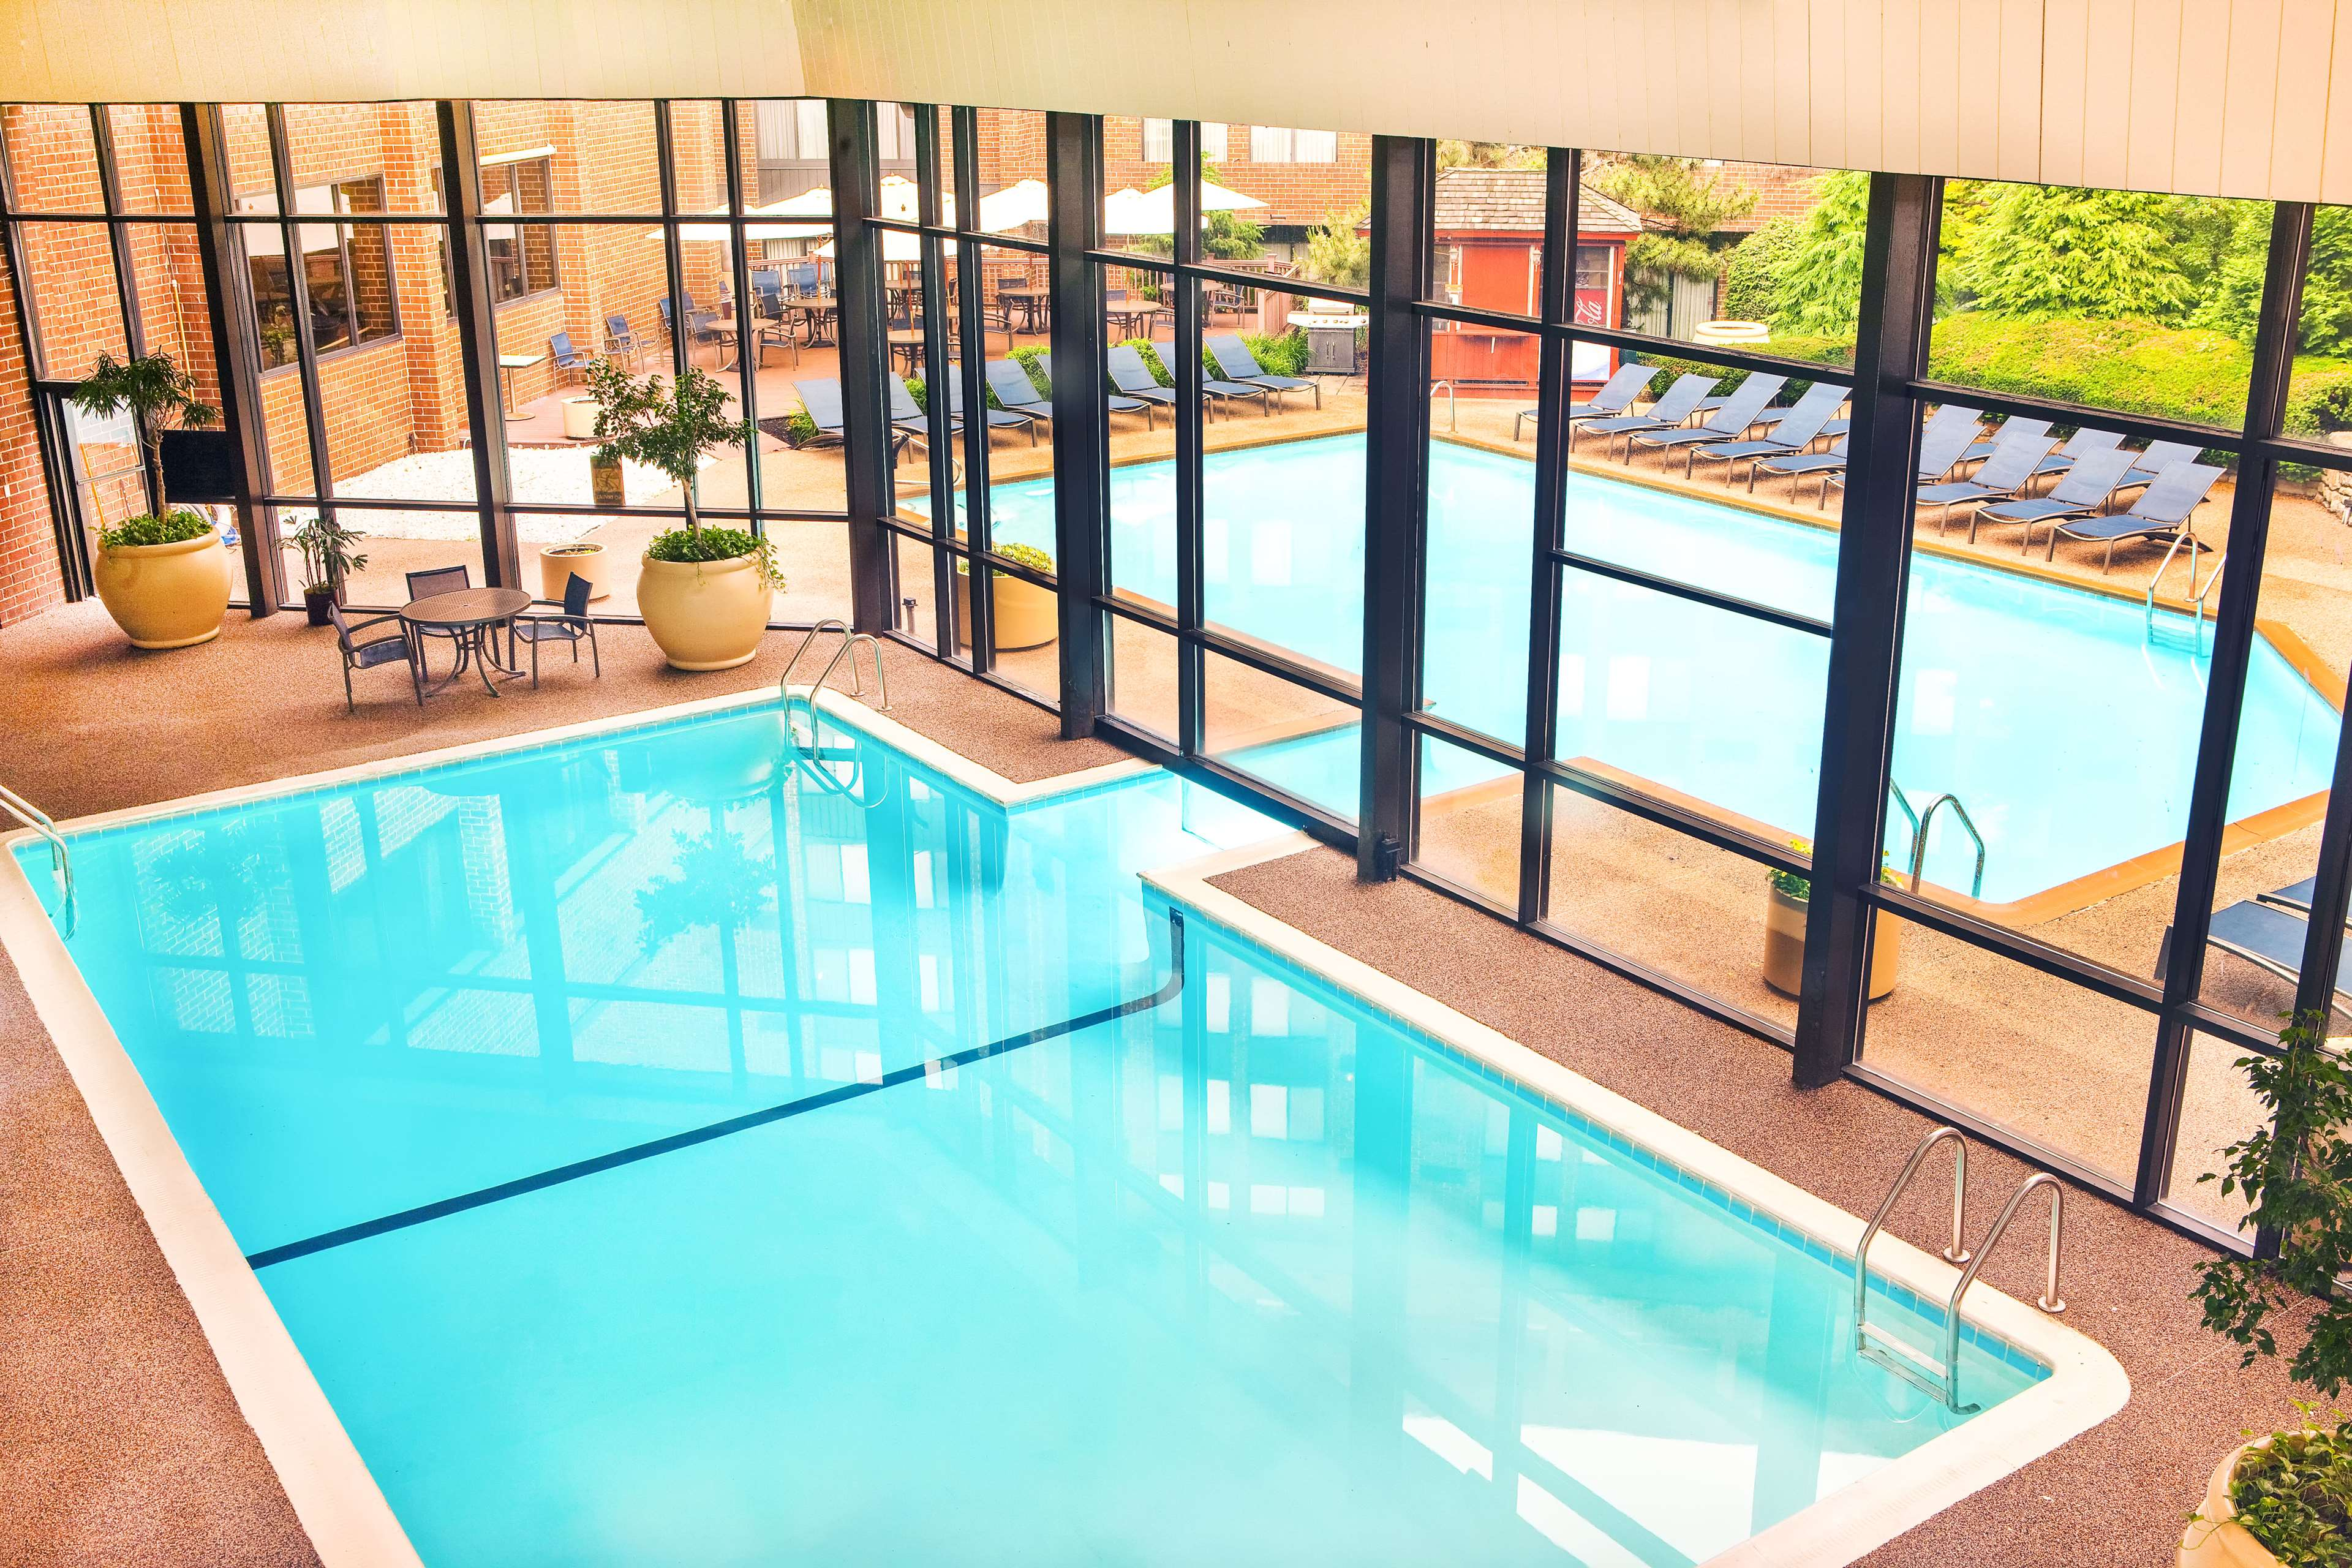 Sheraton Harrisburg Hershey Hotel image 1